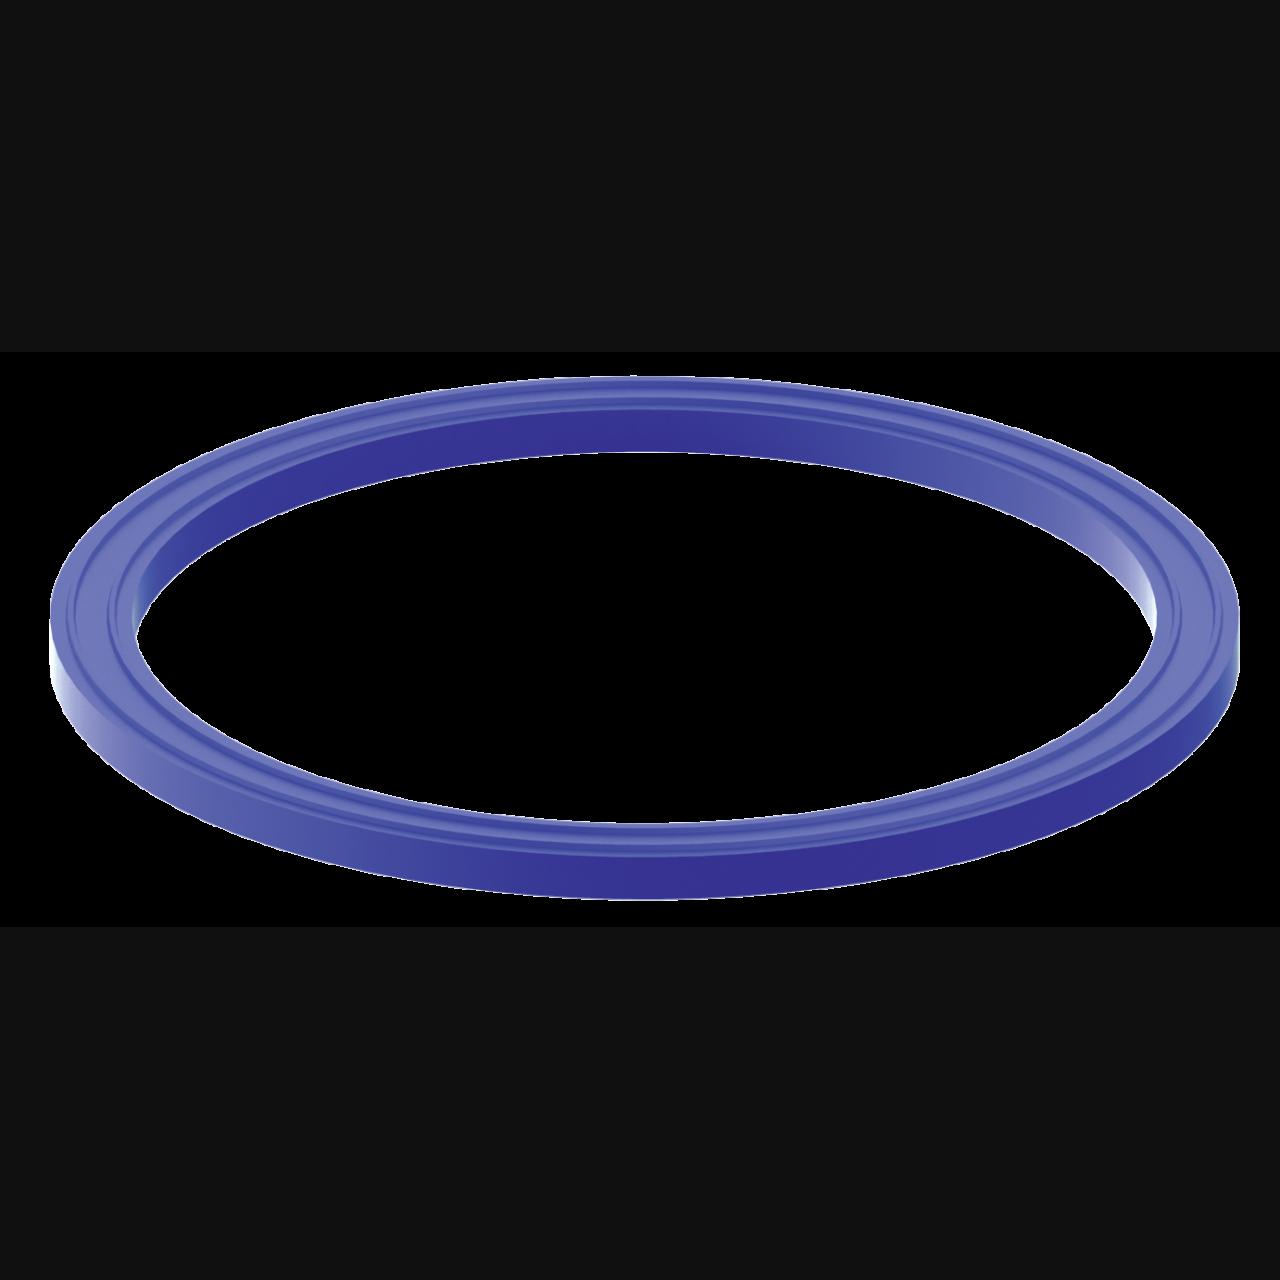 Кольцо уплотнительное 40 кольцо уплотнительное regent pentola 93 pe sr 22a